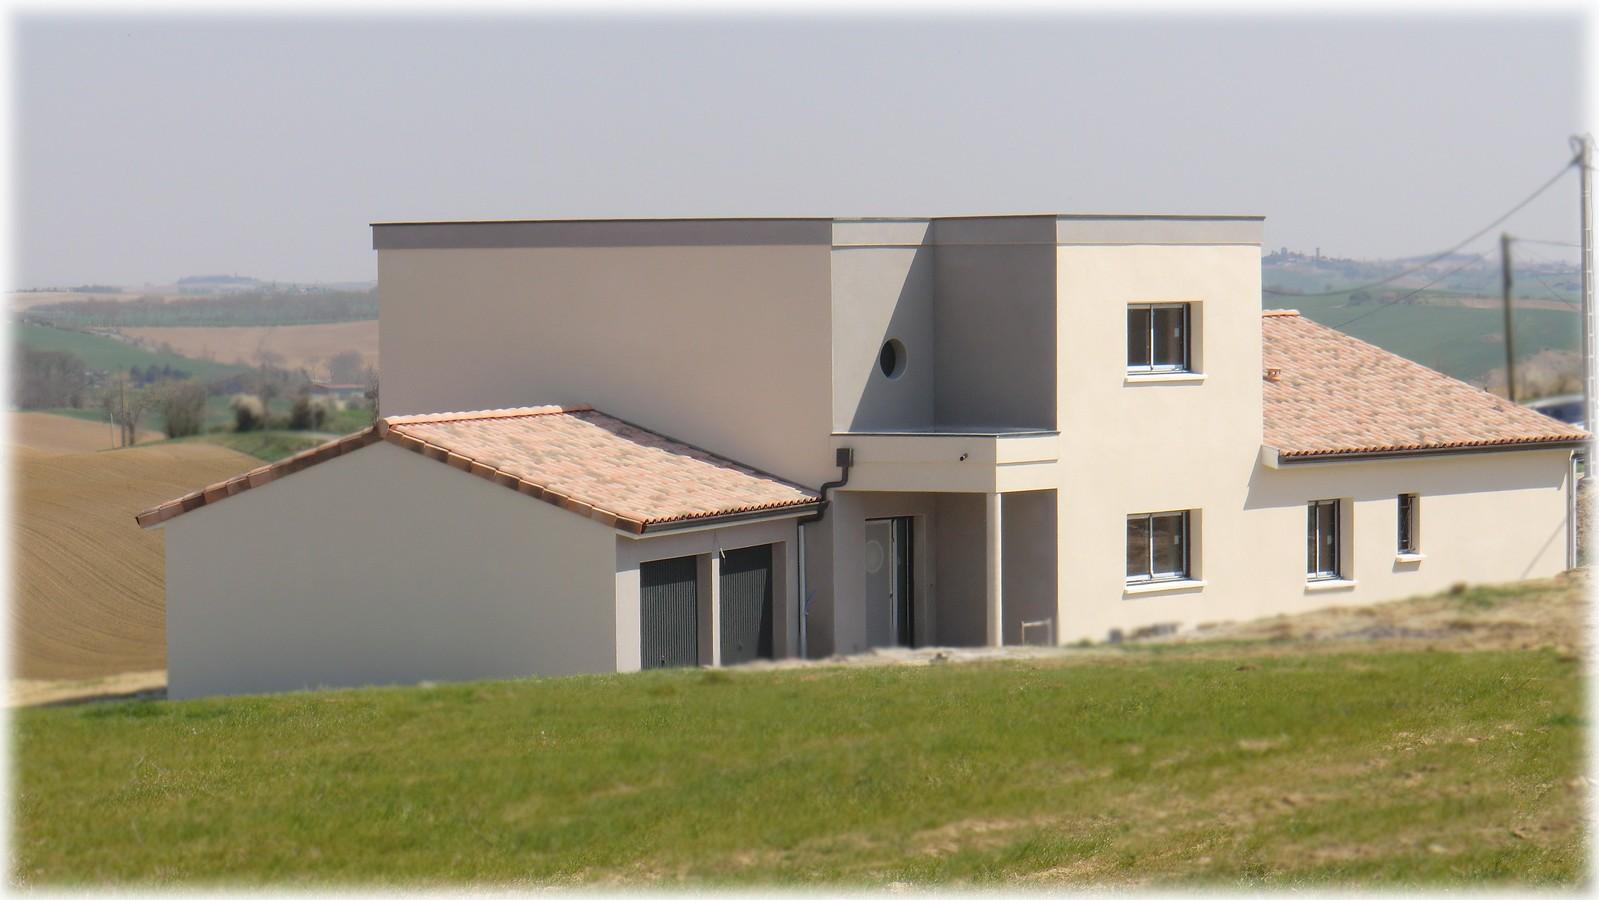 Maison moderne nailloux les bastides lauragaises for Maison moderne 06